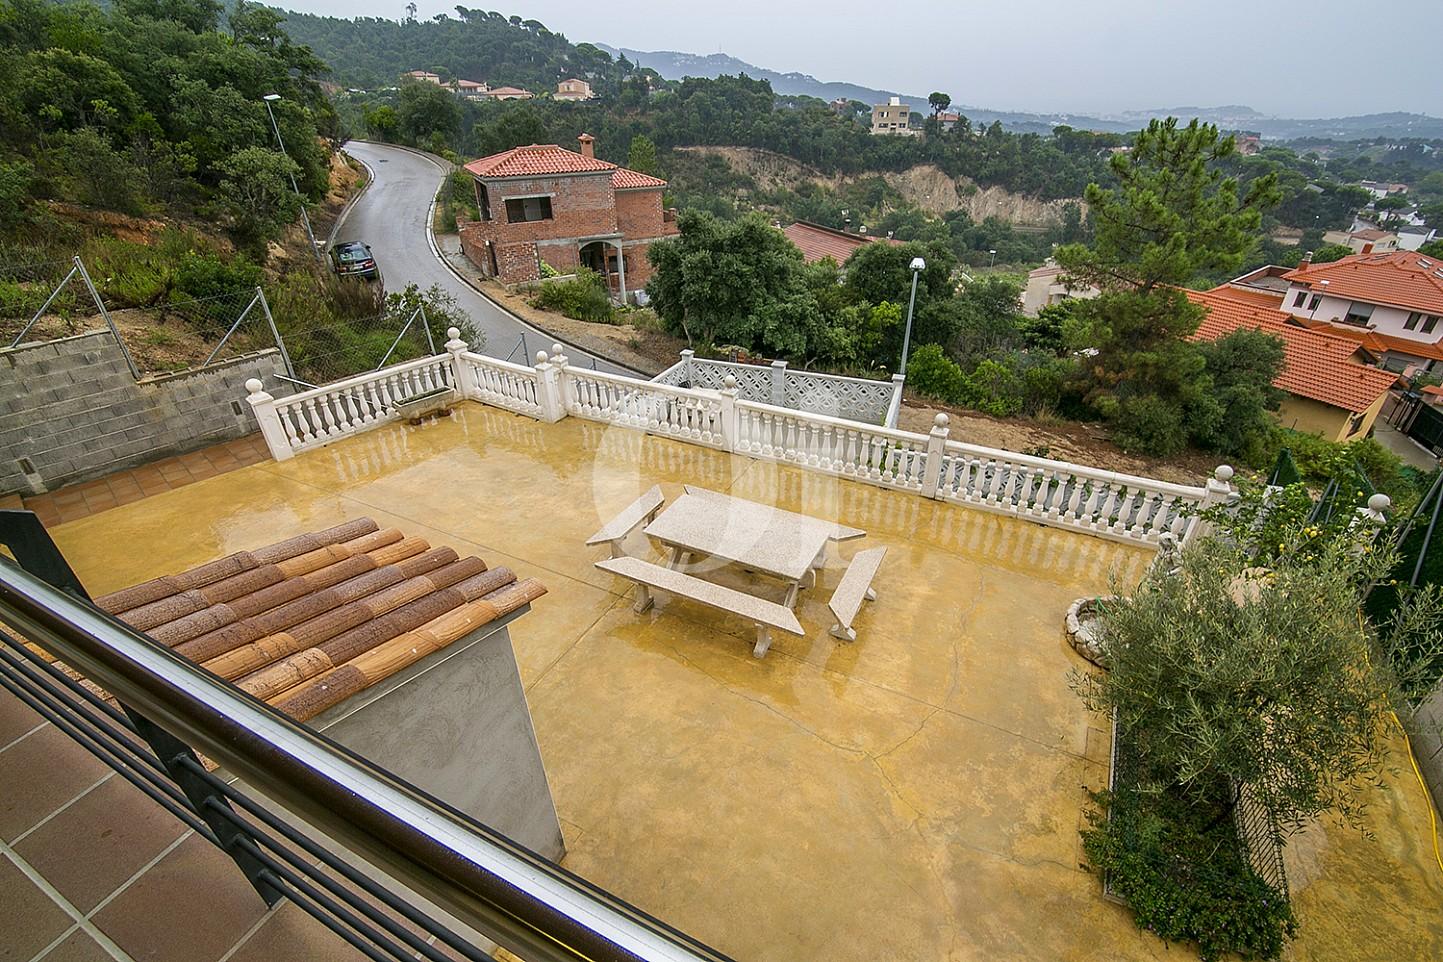 Terraza de casa en venta con vistas al mar en Lloret de Mar, Costa Brava